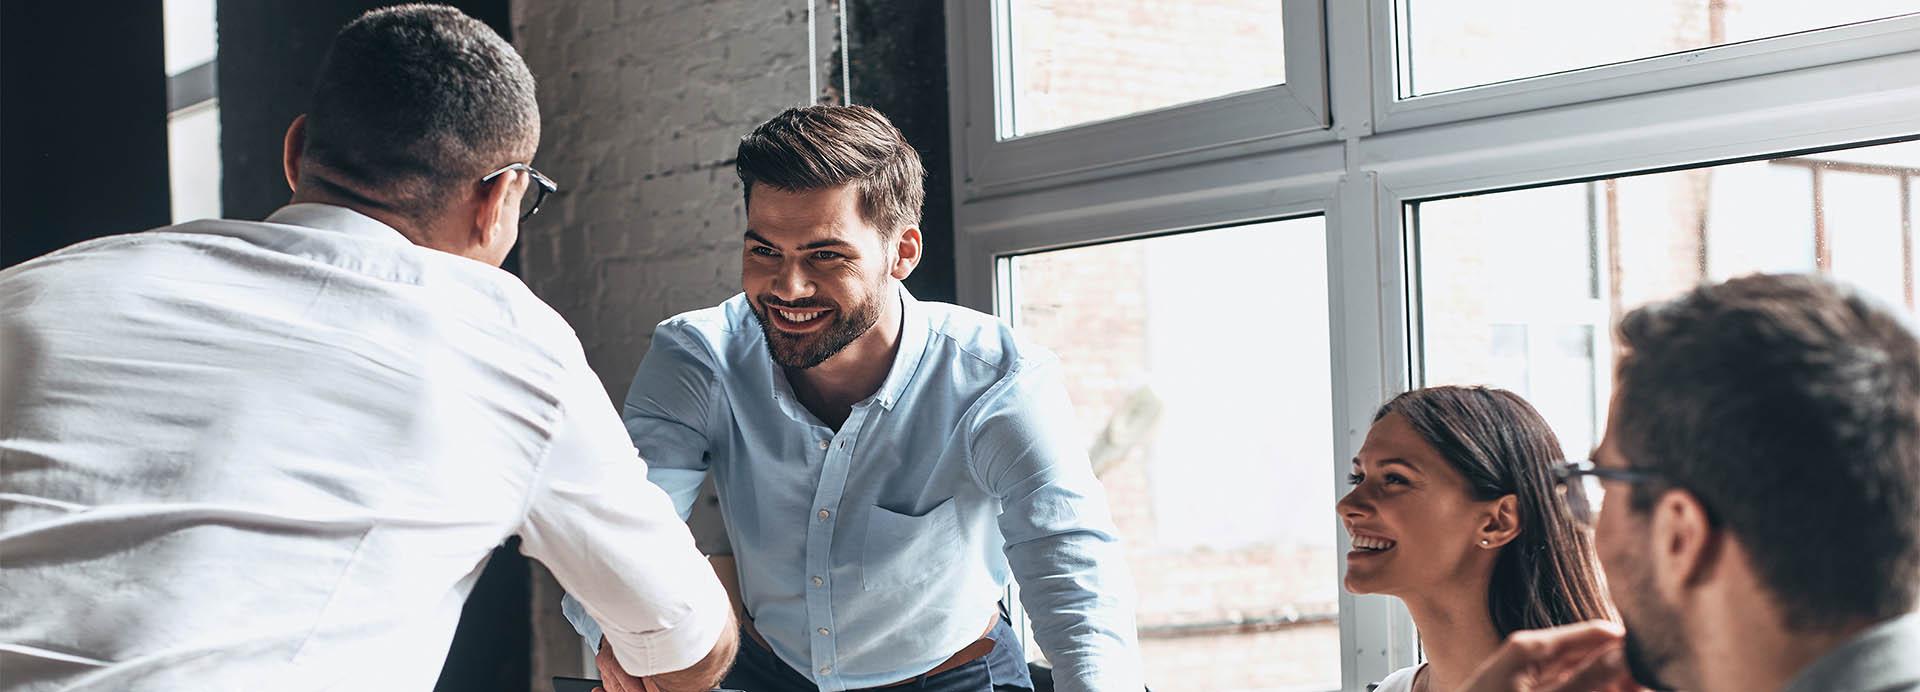 KOOPERATIONSMARKT.DE Der Kompass für Ihr Geschäft QUALITÄT STATT QUANTITÄT